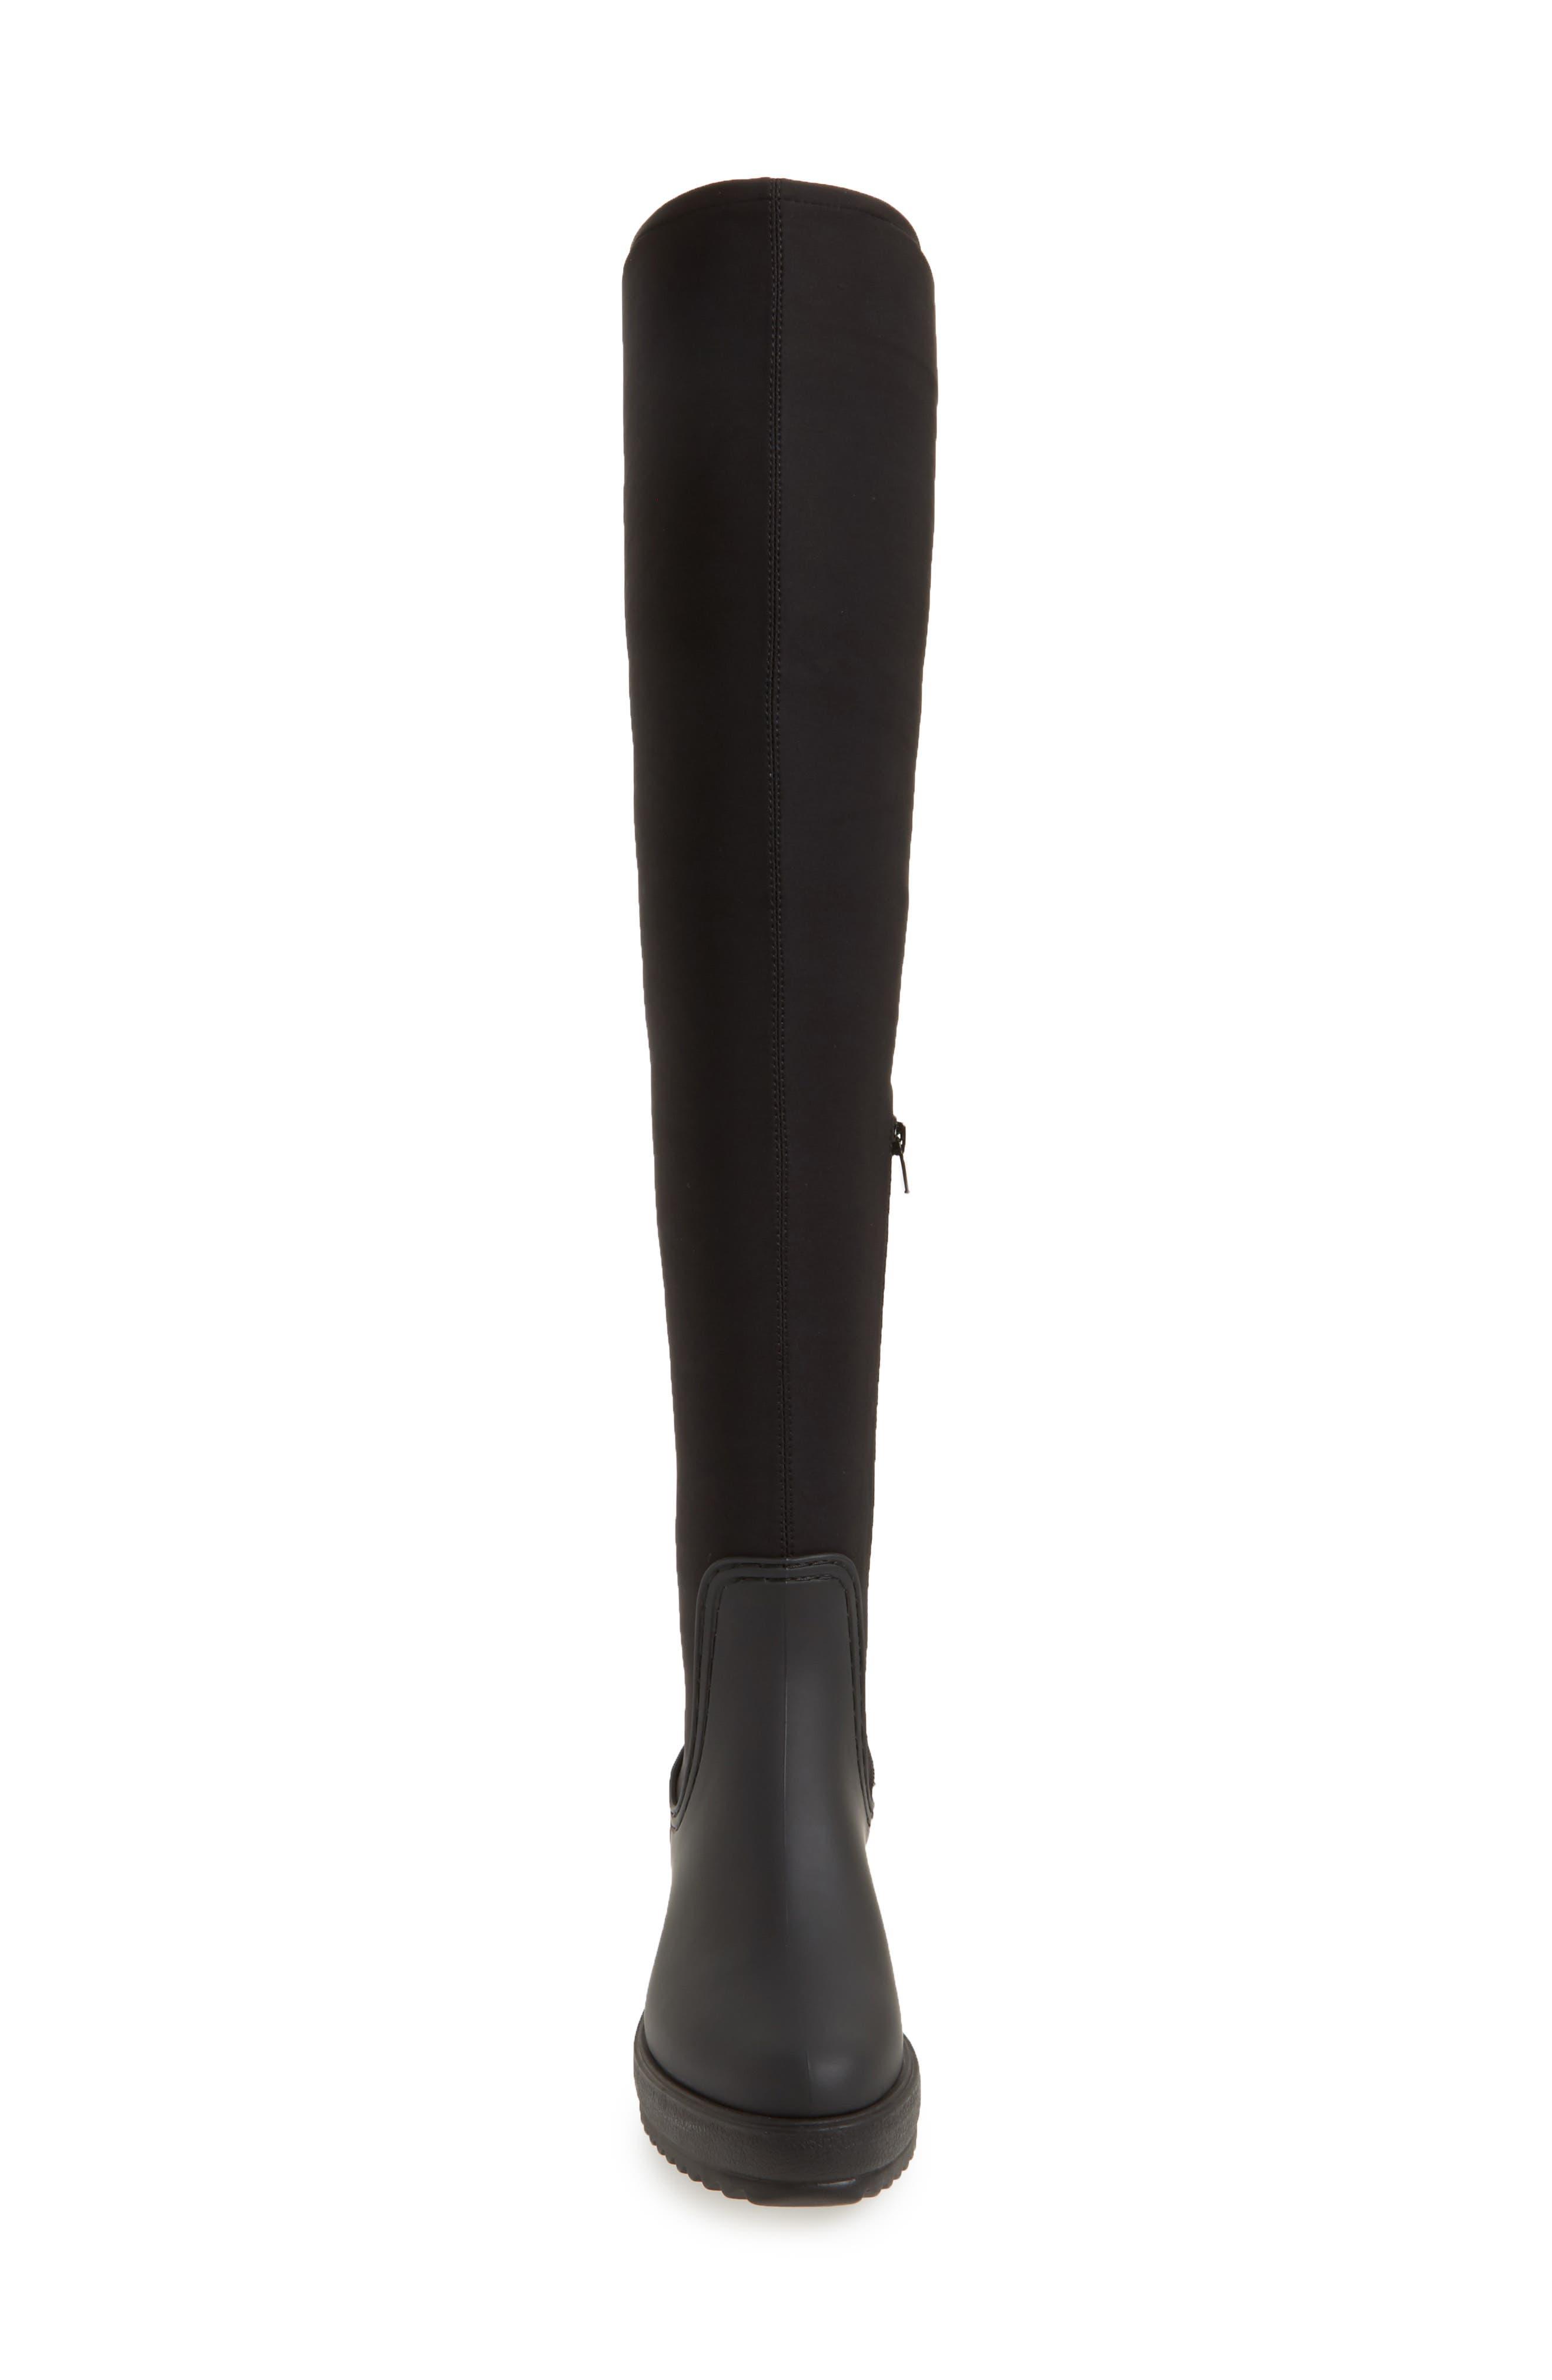 Monsoon Over the Knee Platform Rain Boot,                             Alternate thumbnail 4, color,                             Black Black Neoprene